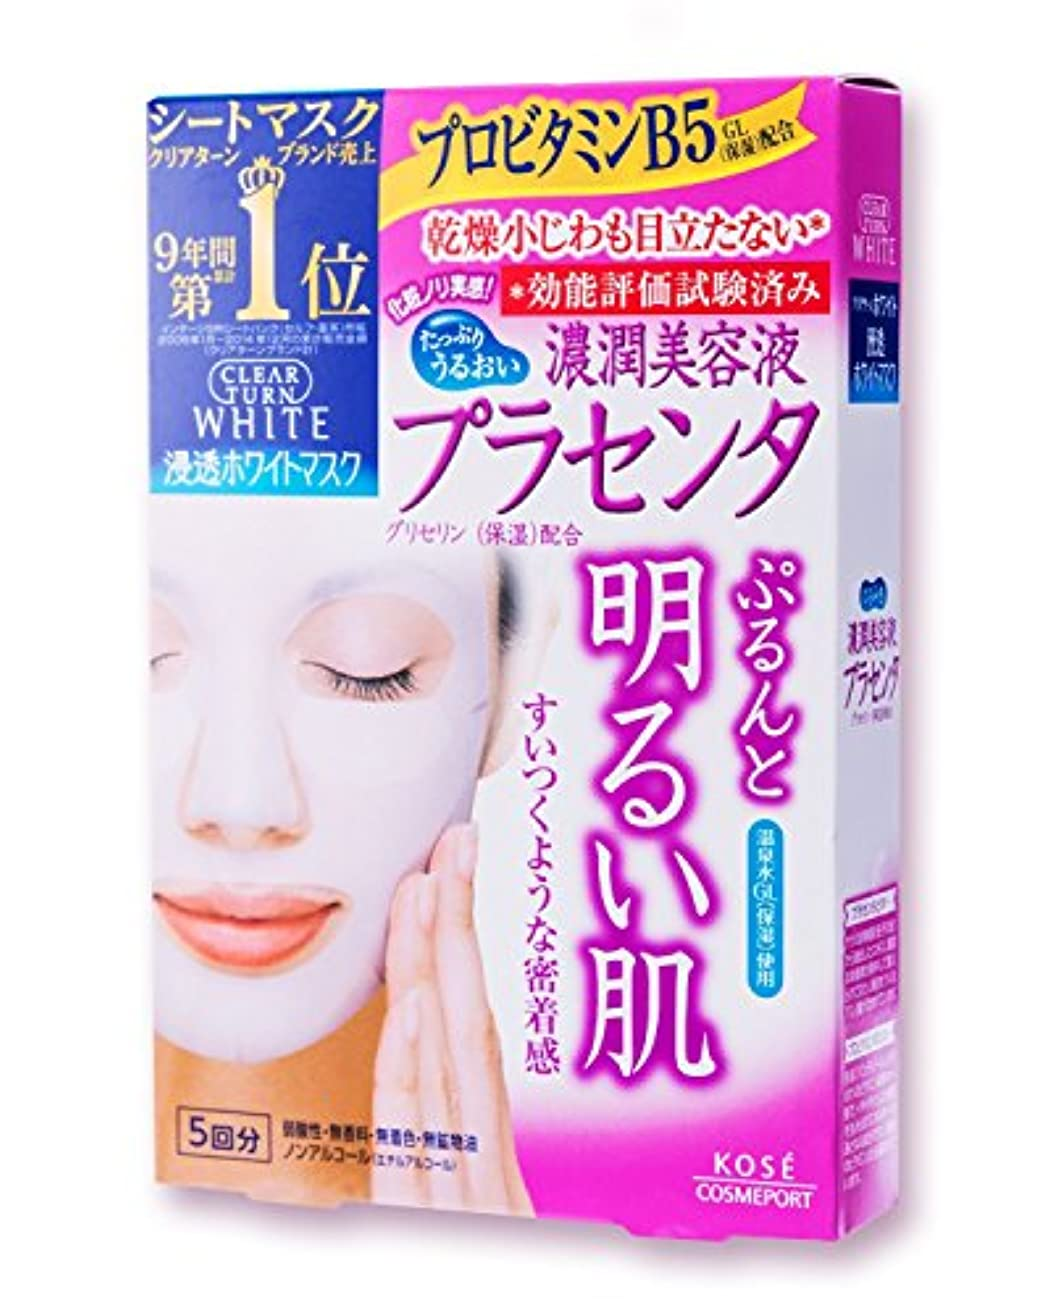 ズームインする彫る毎回【Amazon.co.jp限定】KOSE コーセー クリアターン ホワイト マスク (プラセンタ) 5枚 リーフレット付 フェイスマスク